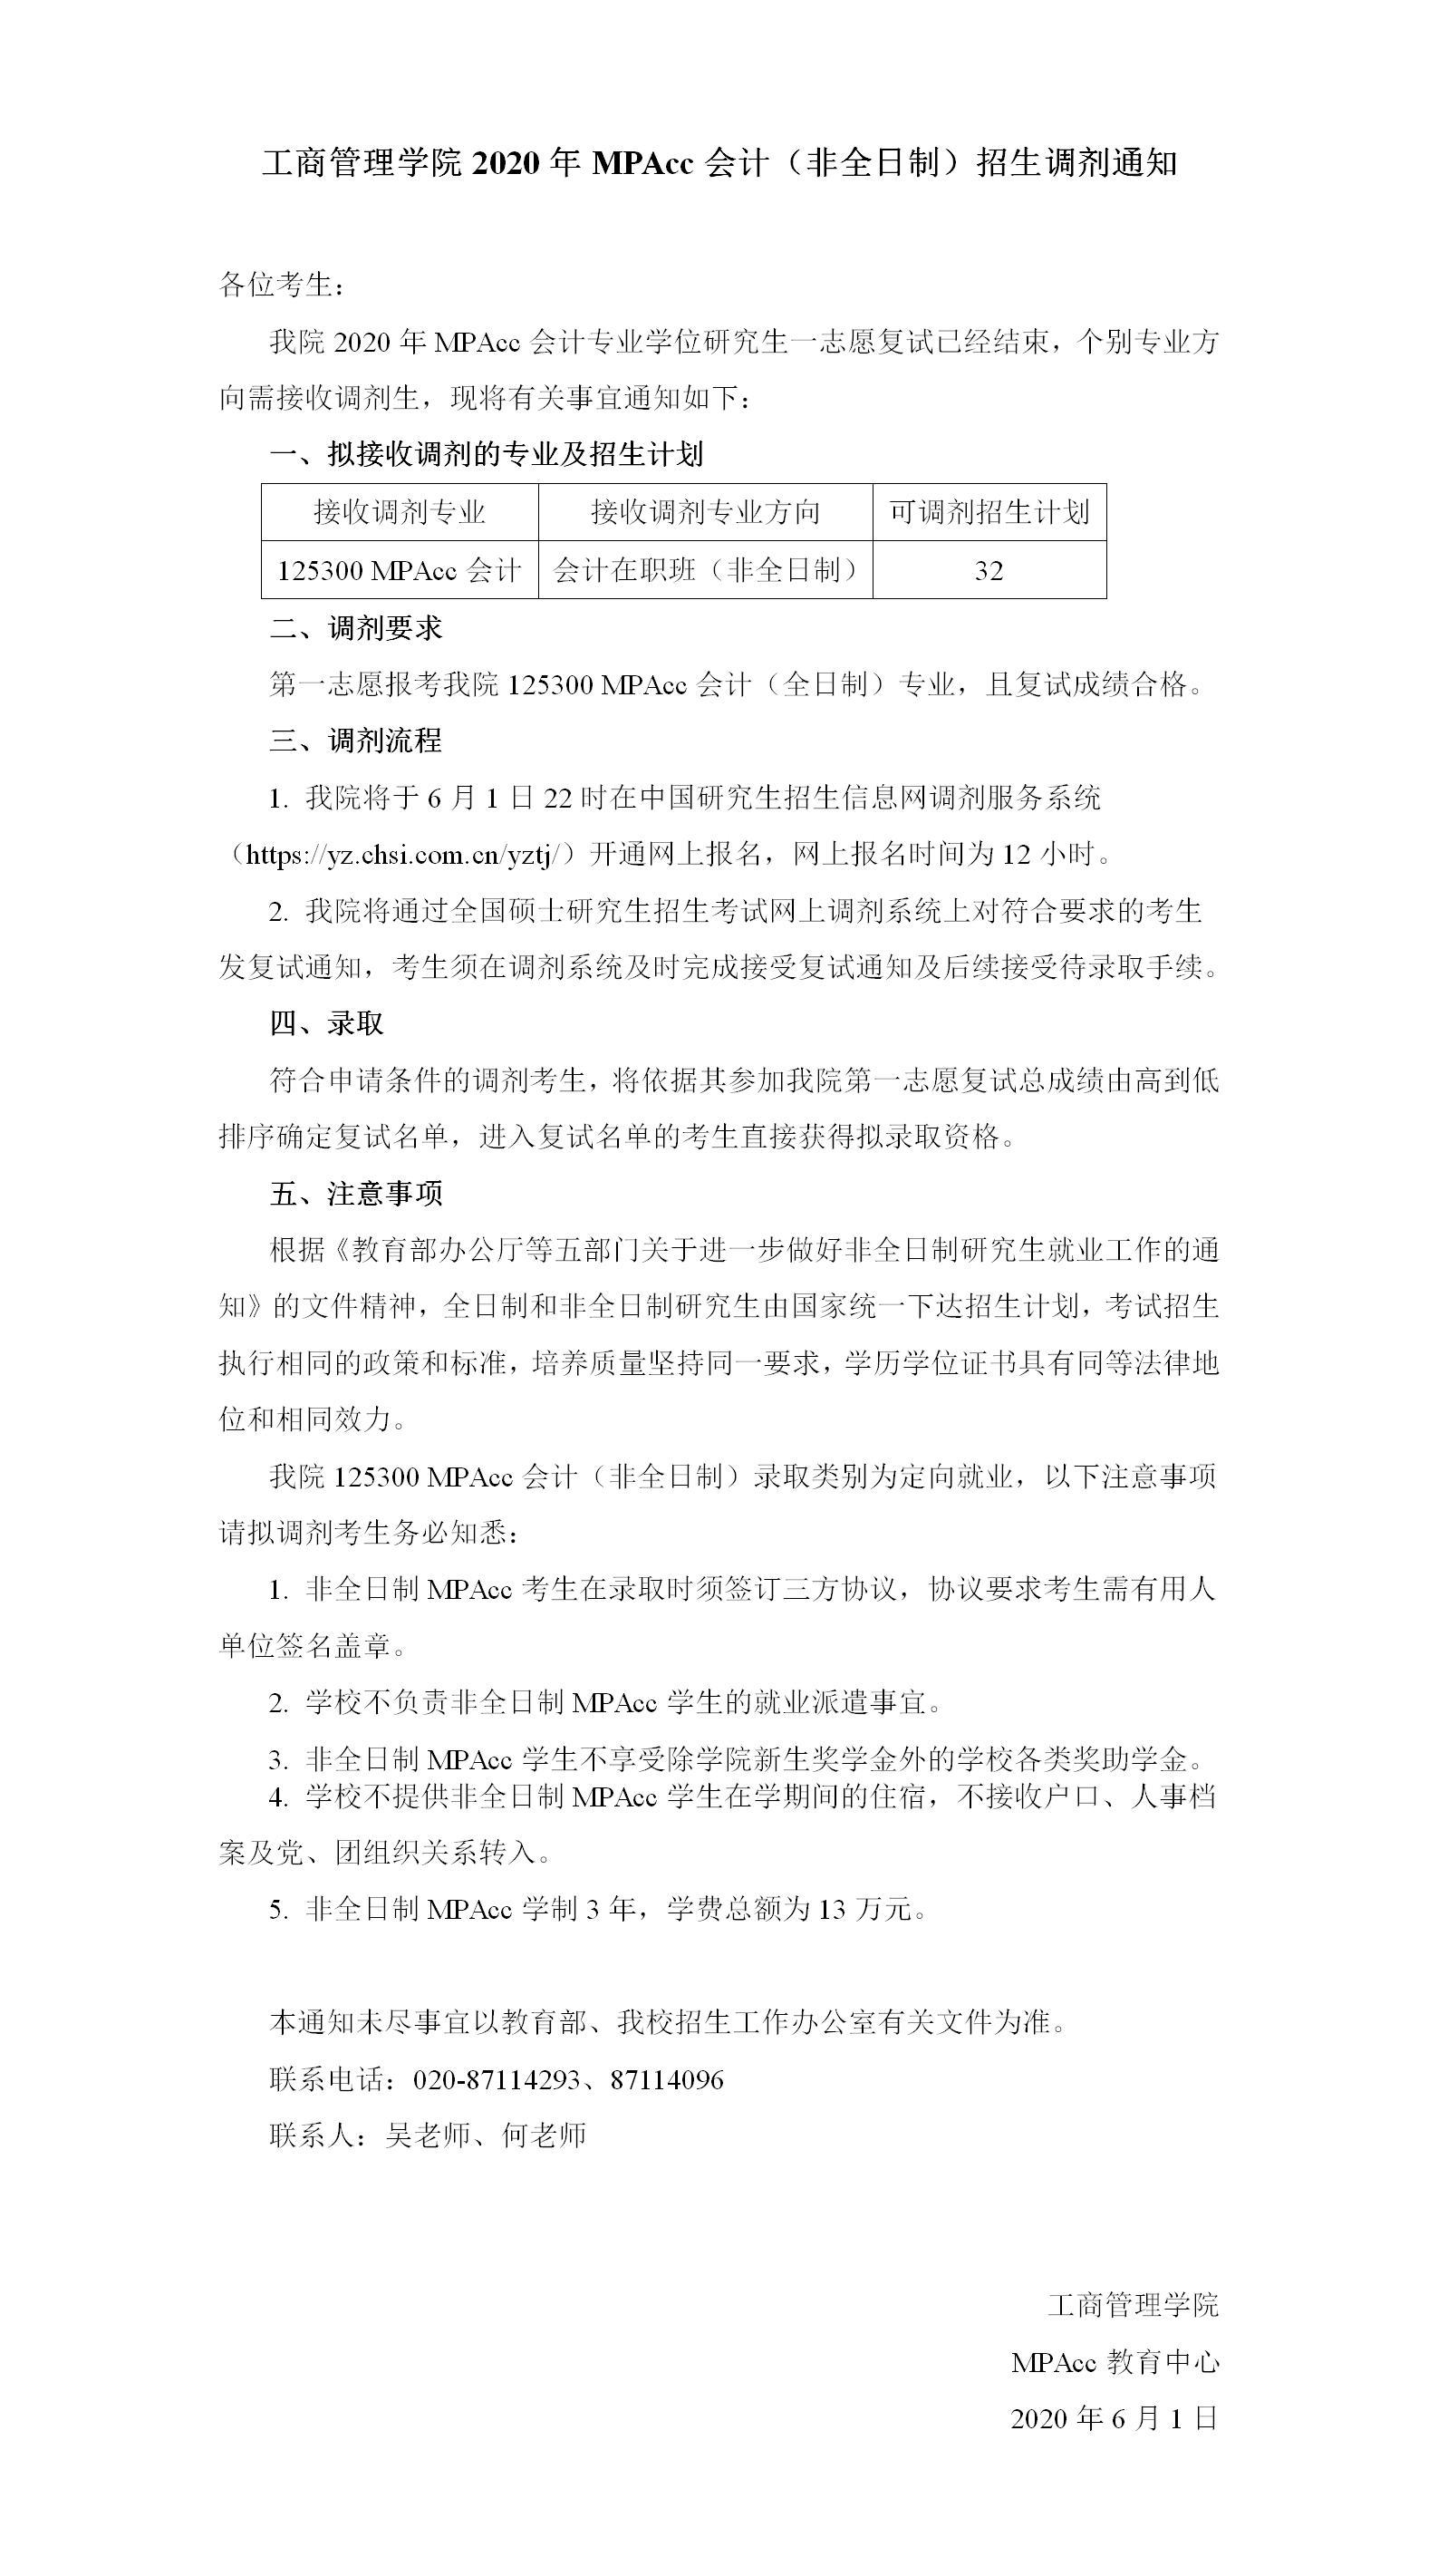 2020年华南理工大学工商管理学院非全日制MPAcc招生调剂通知